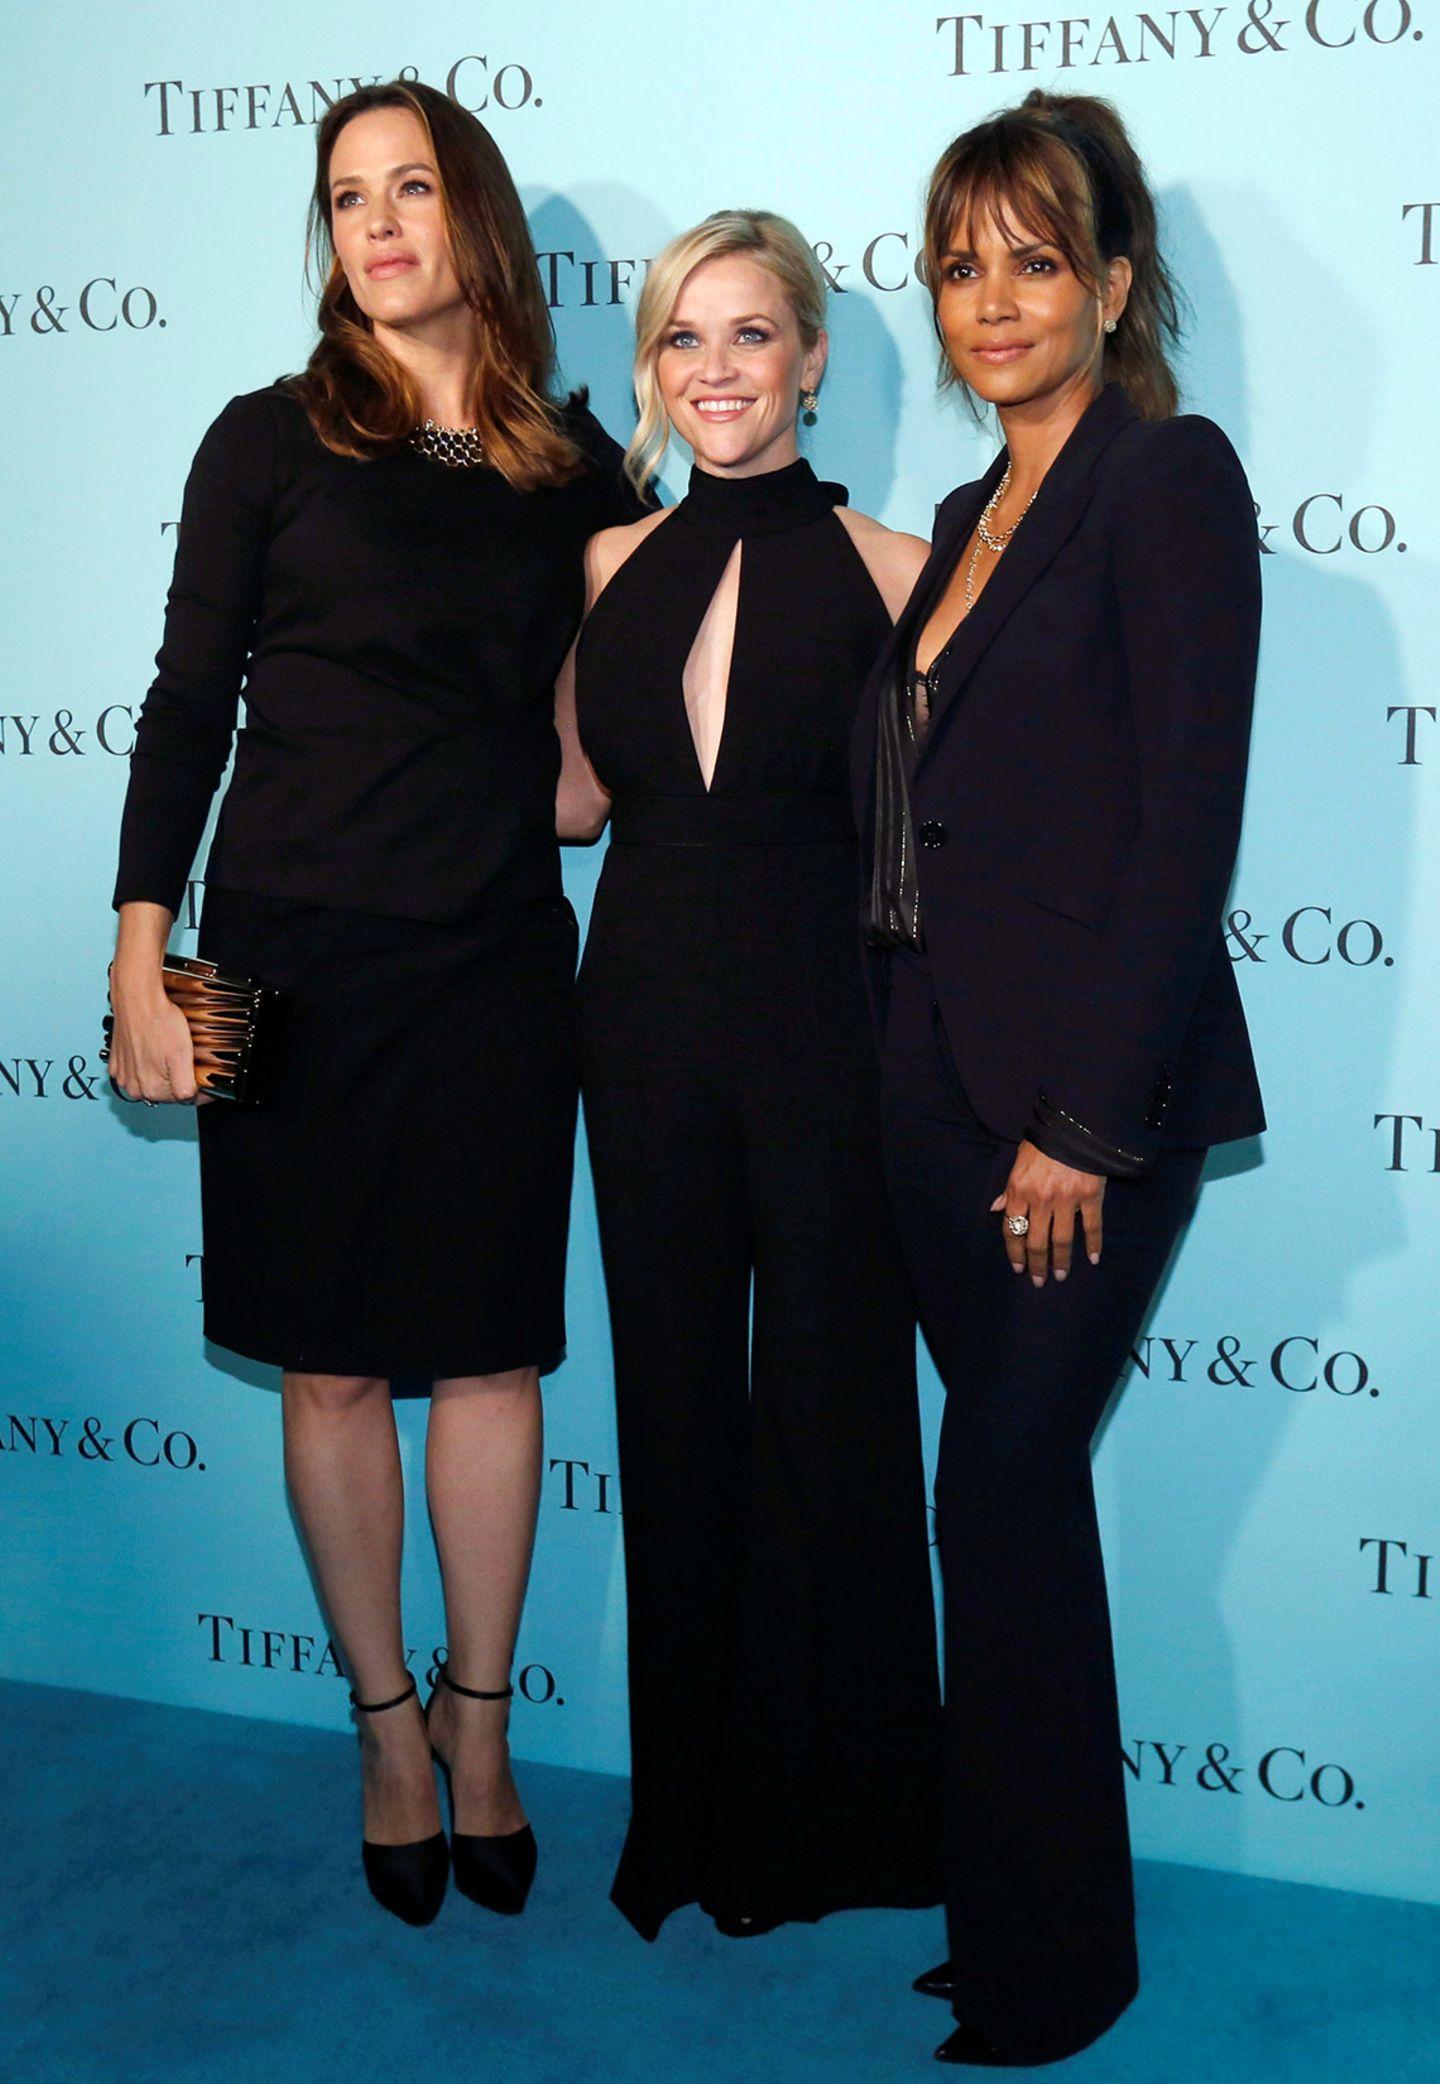 Drei Schönheiten in Schwarz: Jennifer Garner, Reese Witherspoon und Halle Berry zeigen sich bei der Wiedereröffnung des Tiffany & Co.-Stores in Beverly Hills allesamt in schlicht-eleganten Outfits.